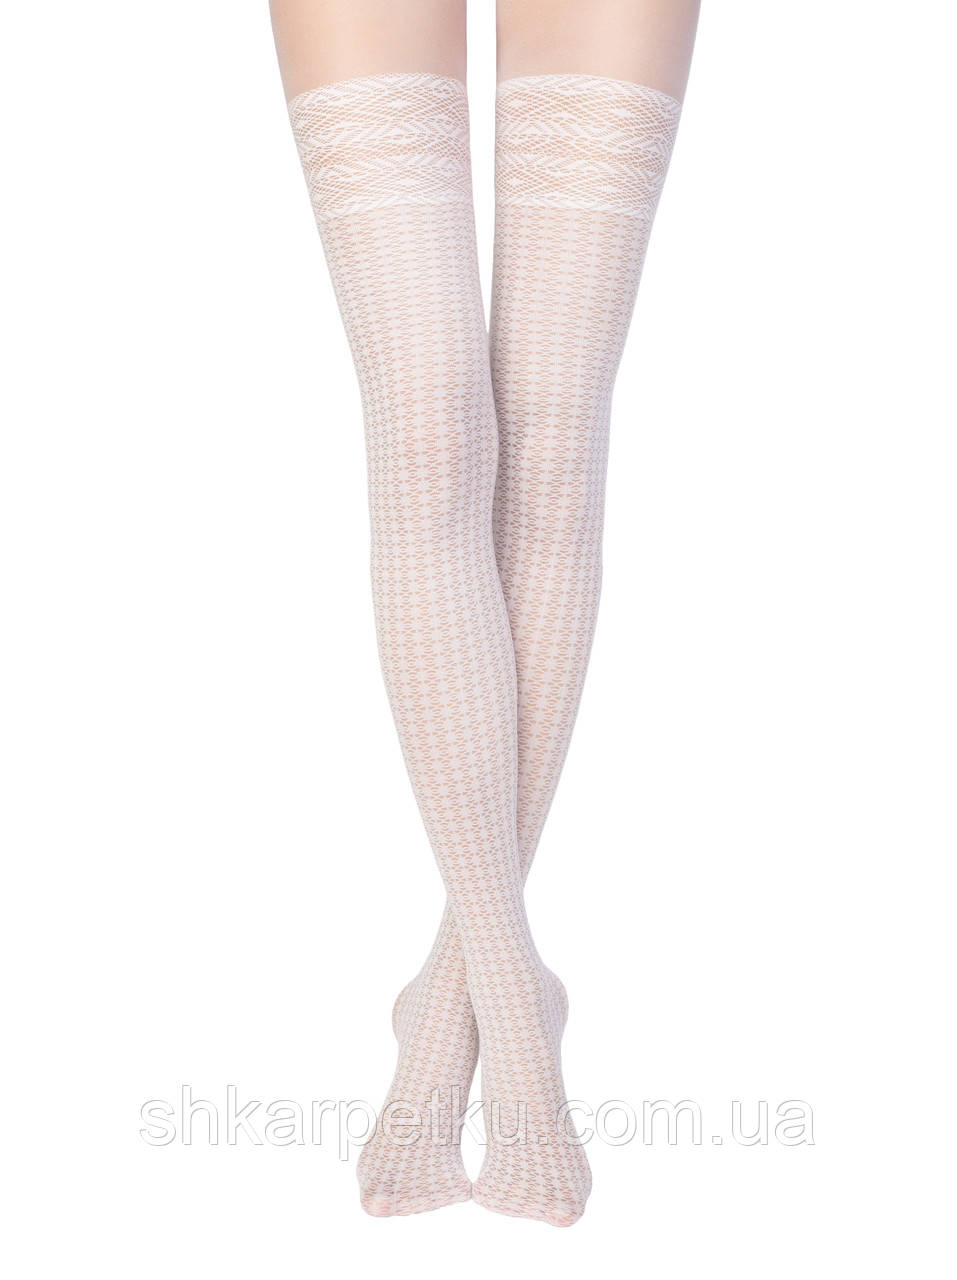 Жіночі білі колготки Conte fantasy intense з імітацією ажурних панчіх 40 den